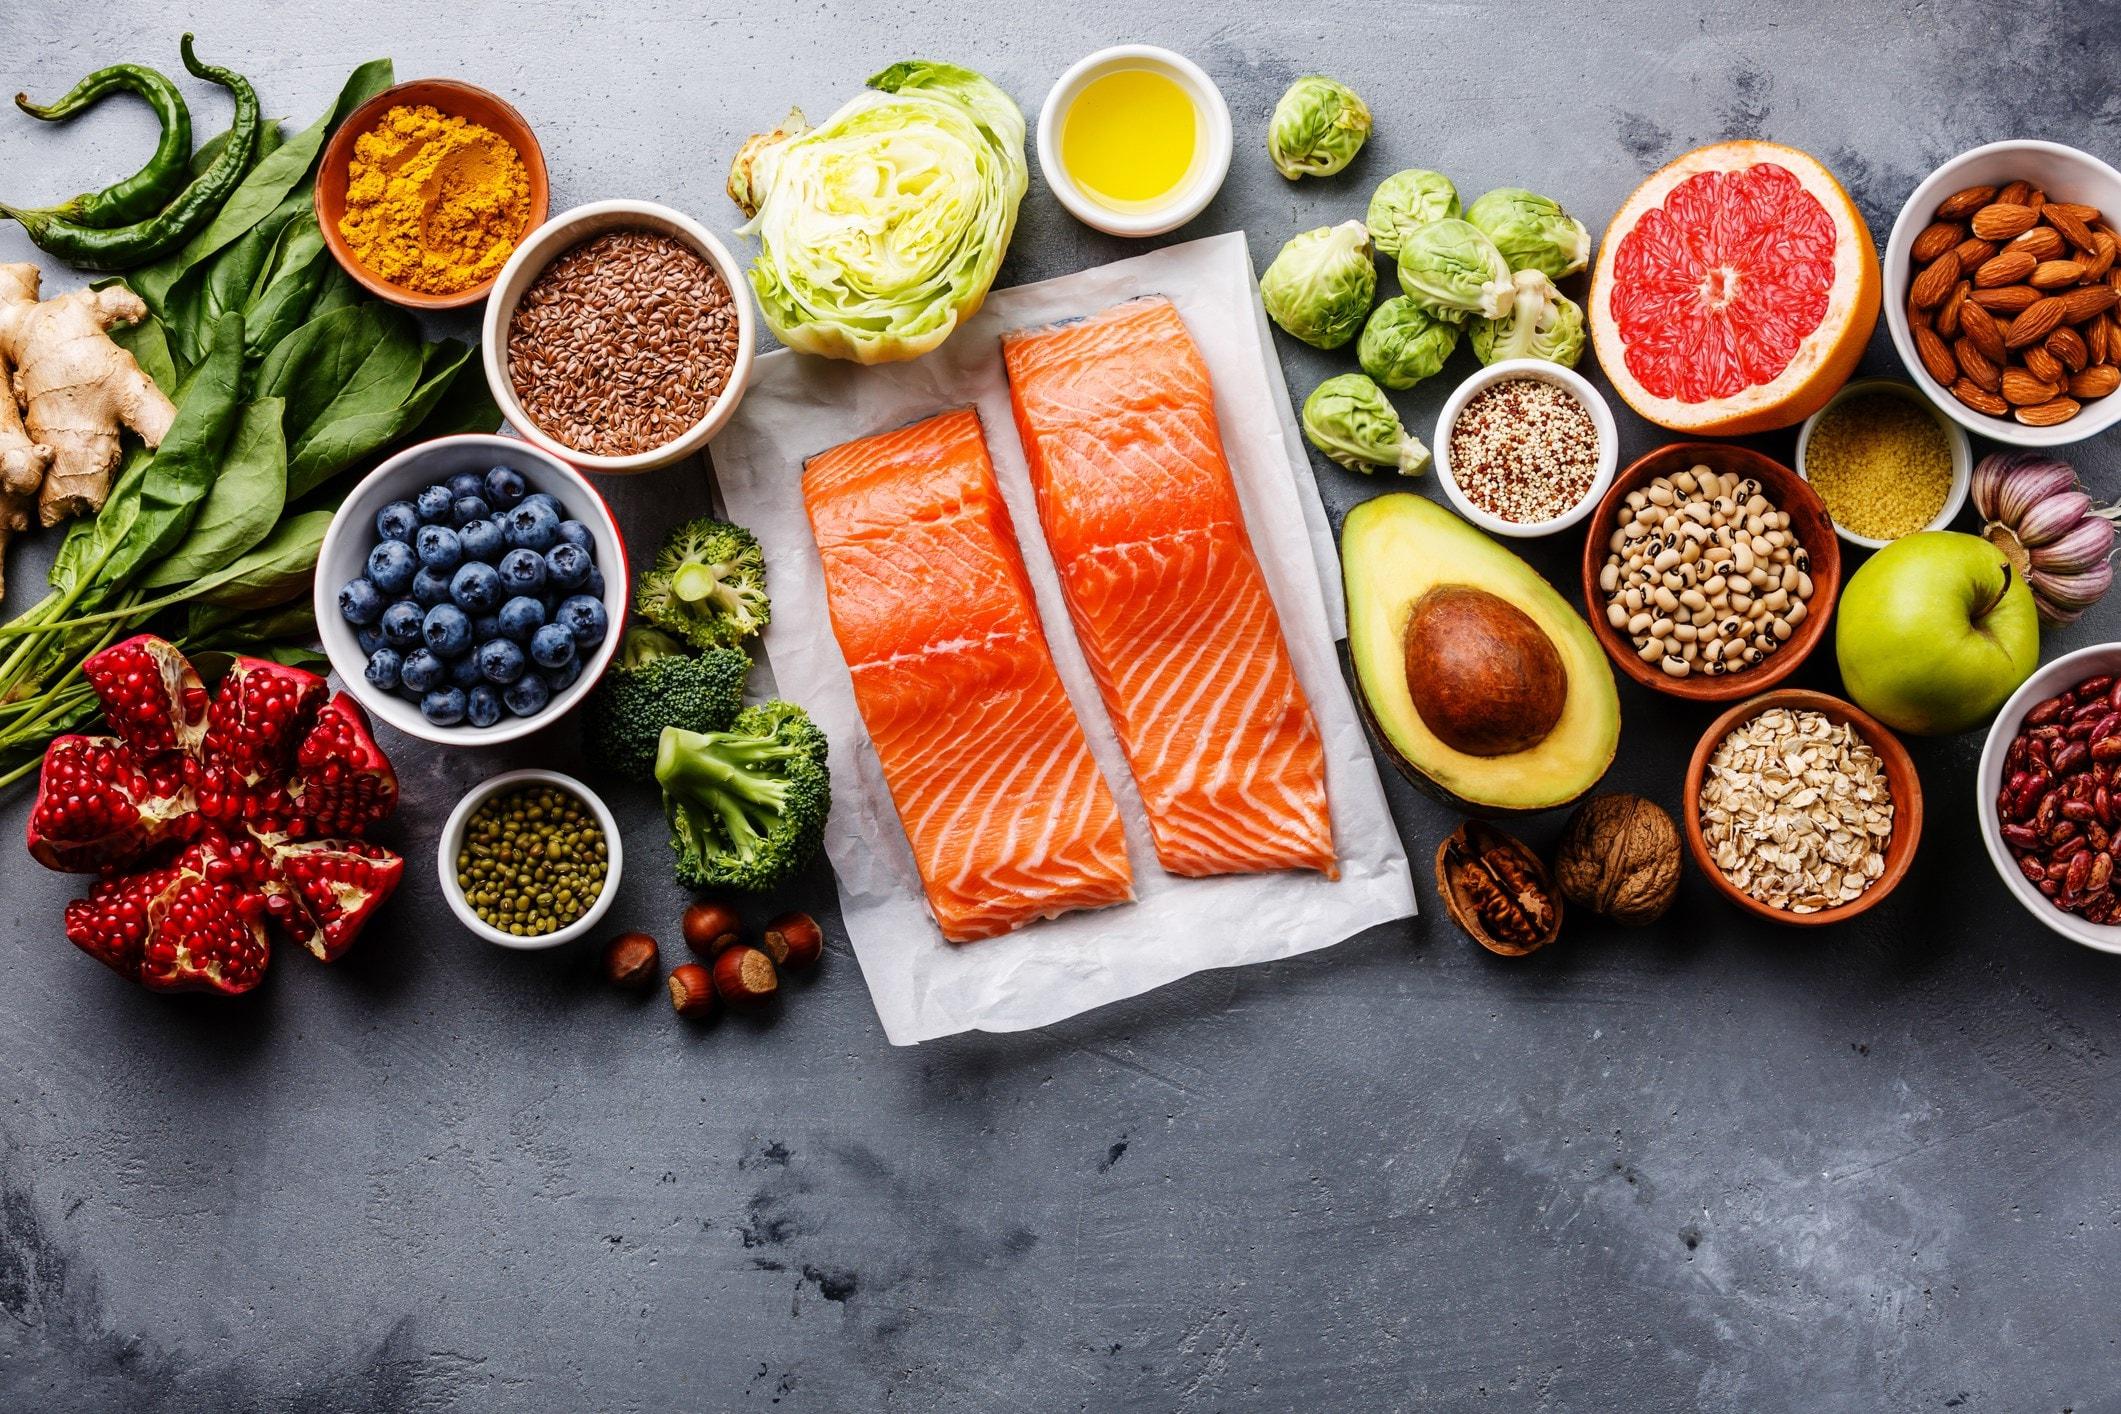 fresh salmon, seeds, veg and fruit